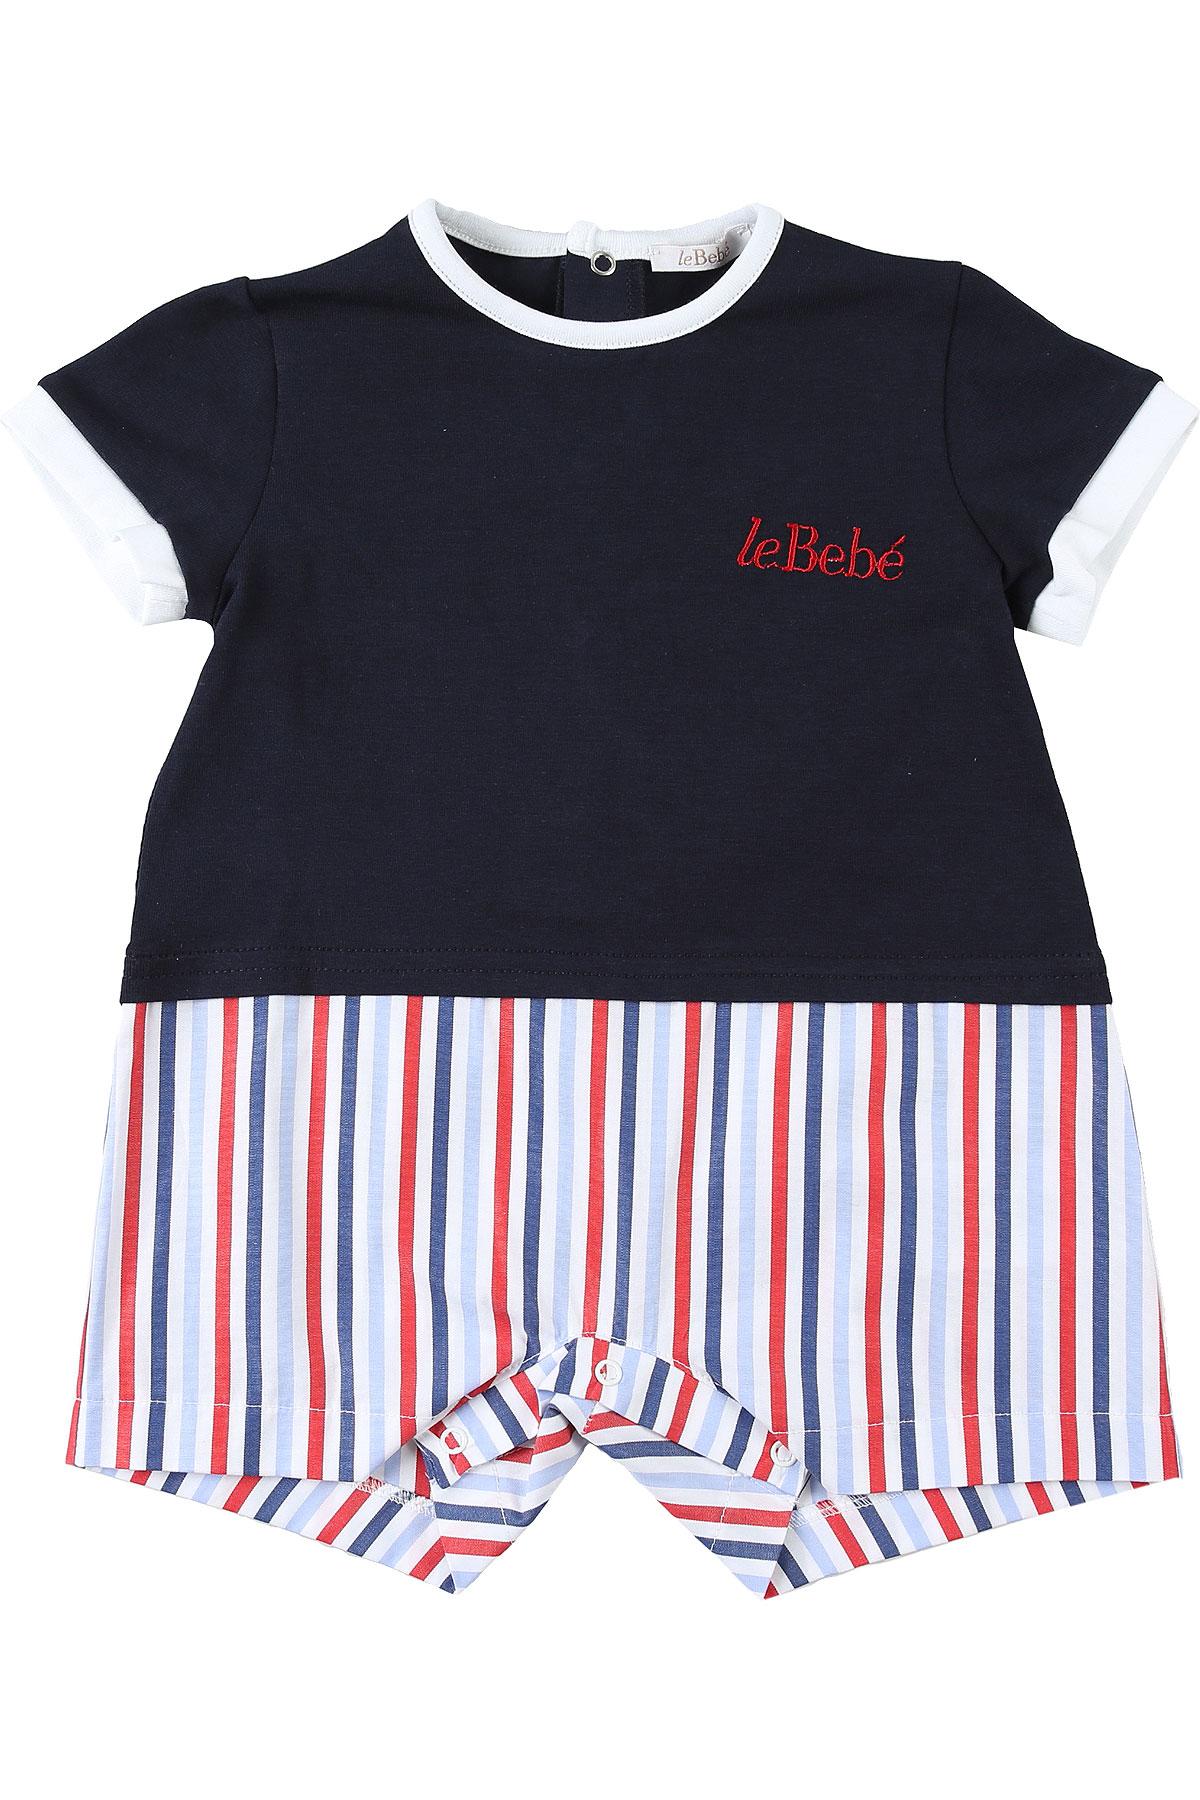 Le Bebe Tenues et Bodys pour Bébé Garçon, Bleu, Coton, 2017, 1M 3M